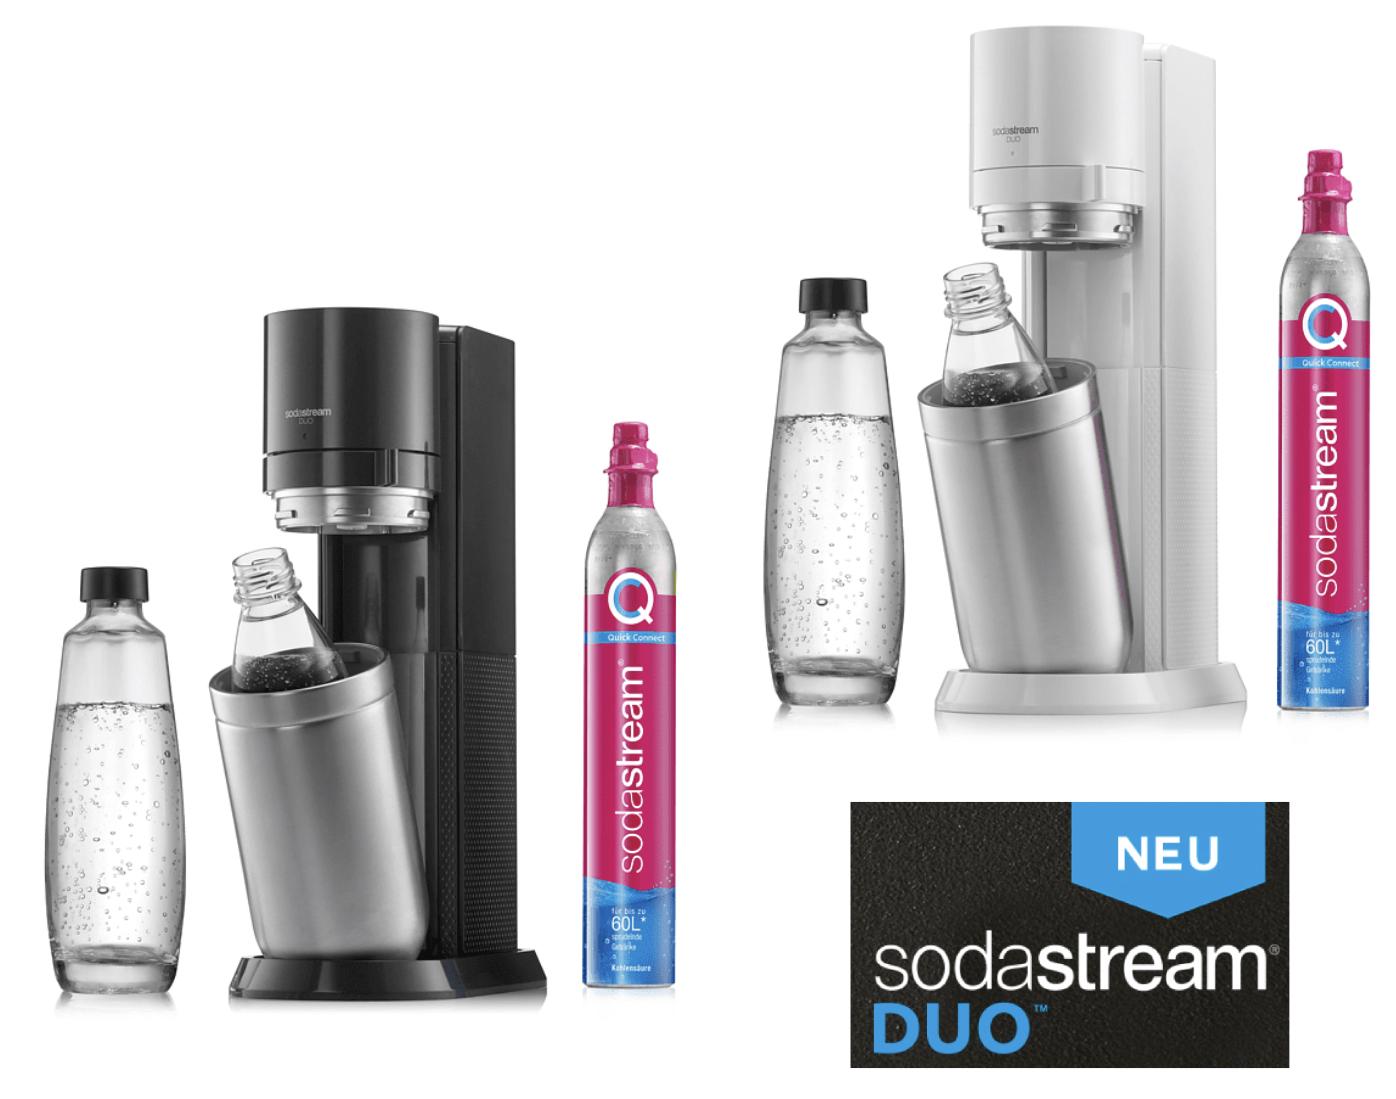 Der NEUE Sodastream DUO inkl. 1 Glas- u. 1 PET-Flasche u. Kohlensäurezylinder titan o. weiß für je 94,99€ inkl. Versandkosten